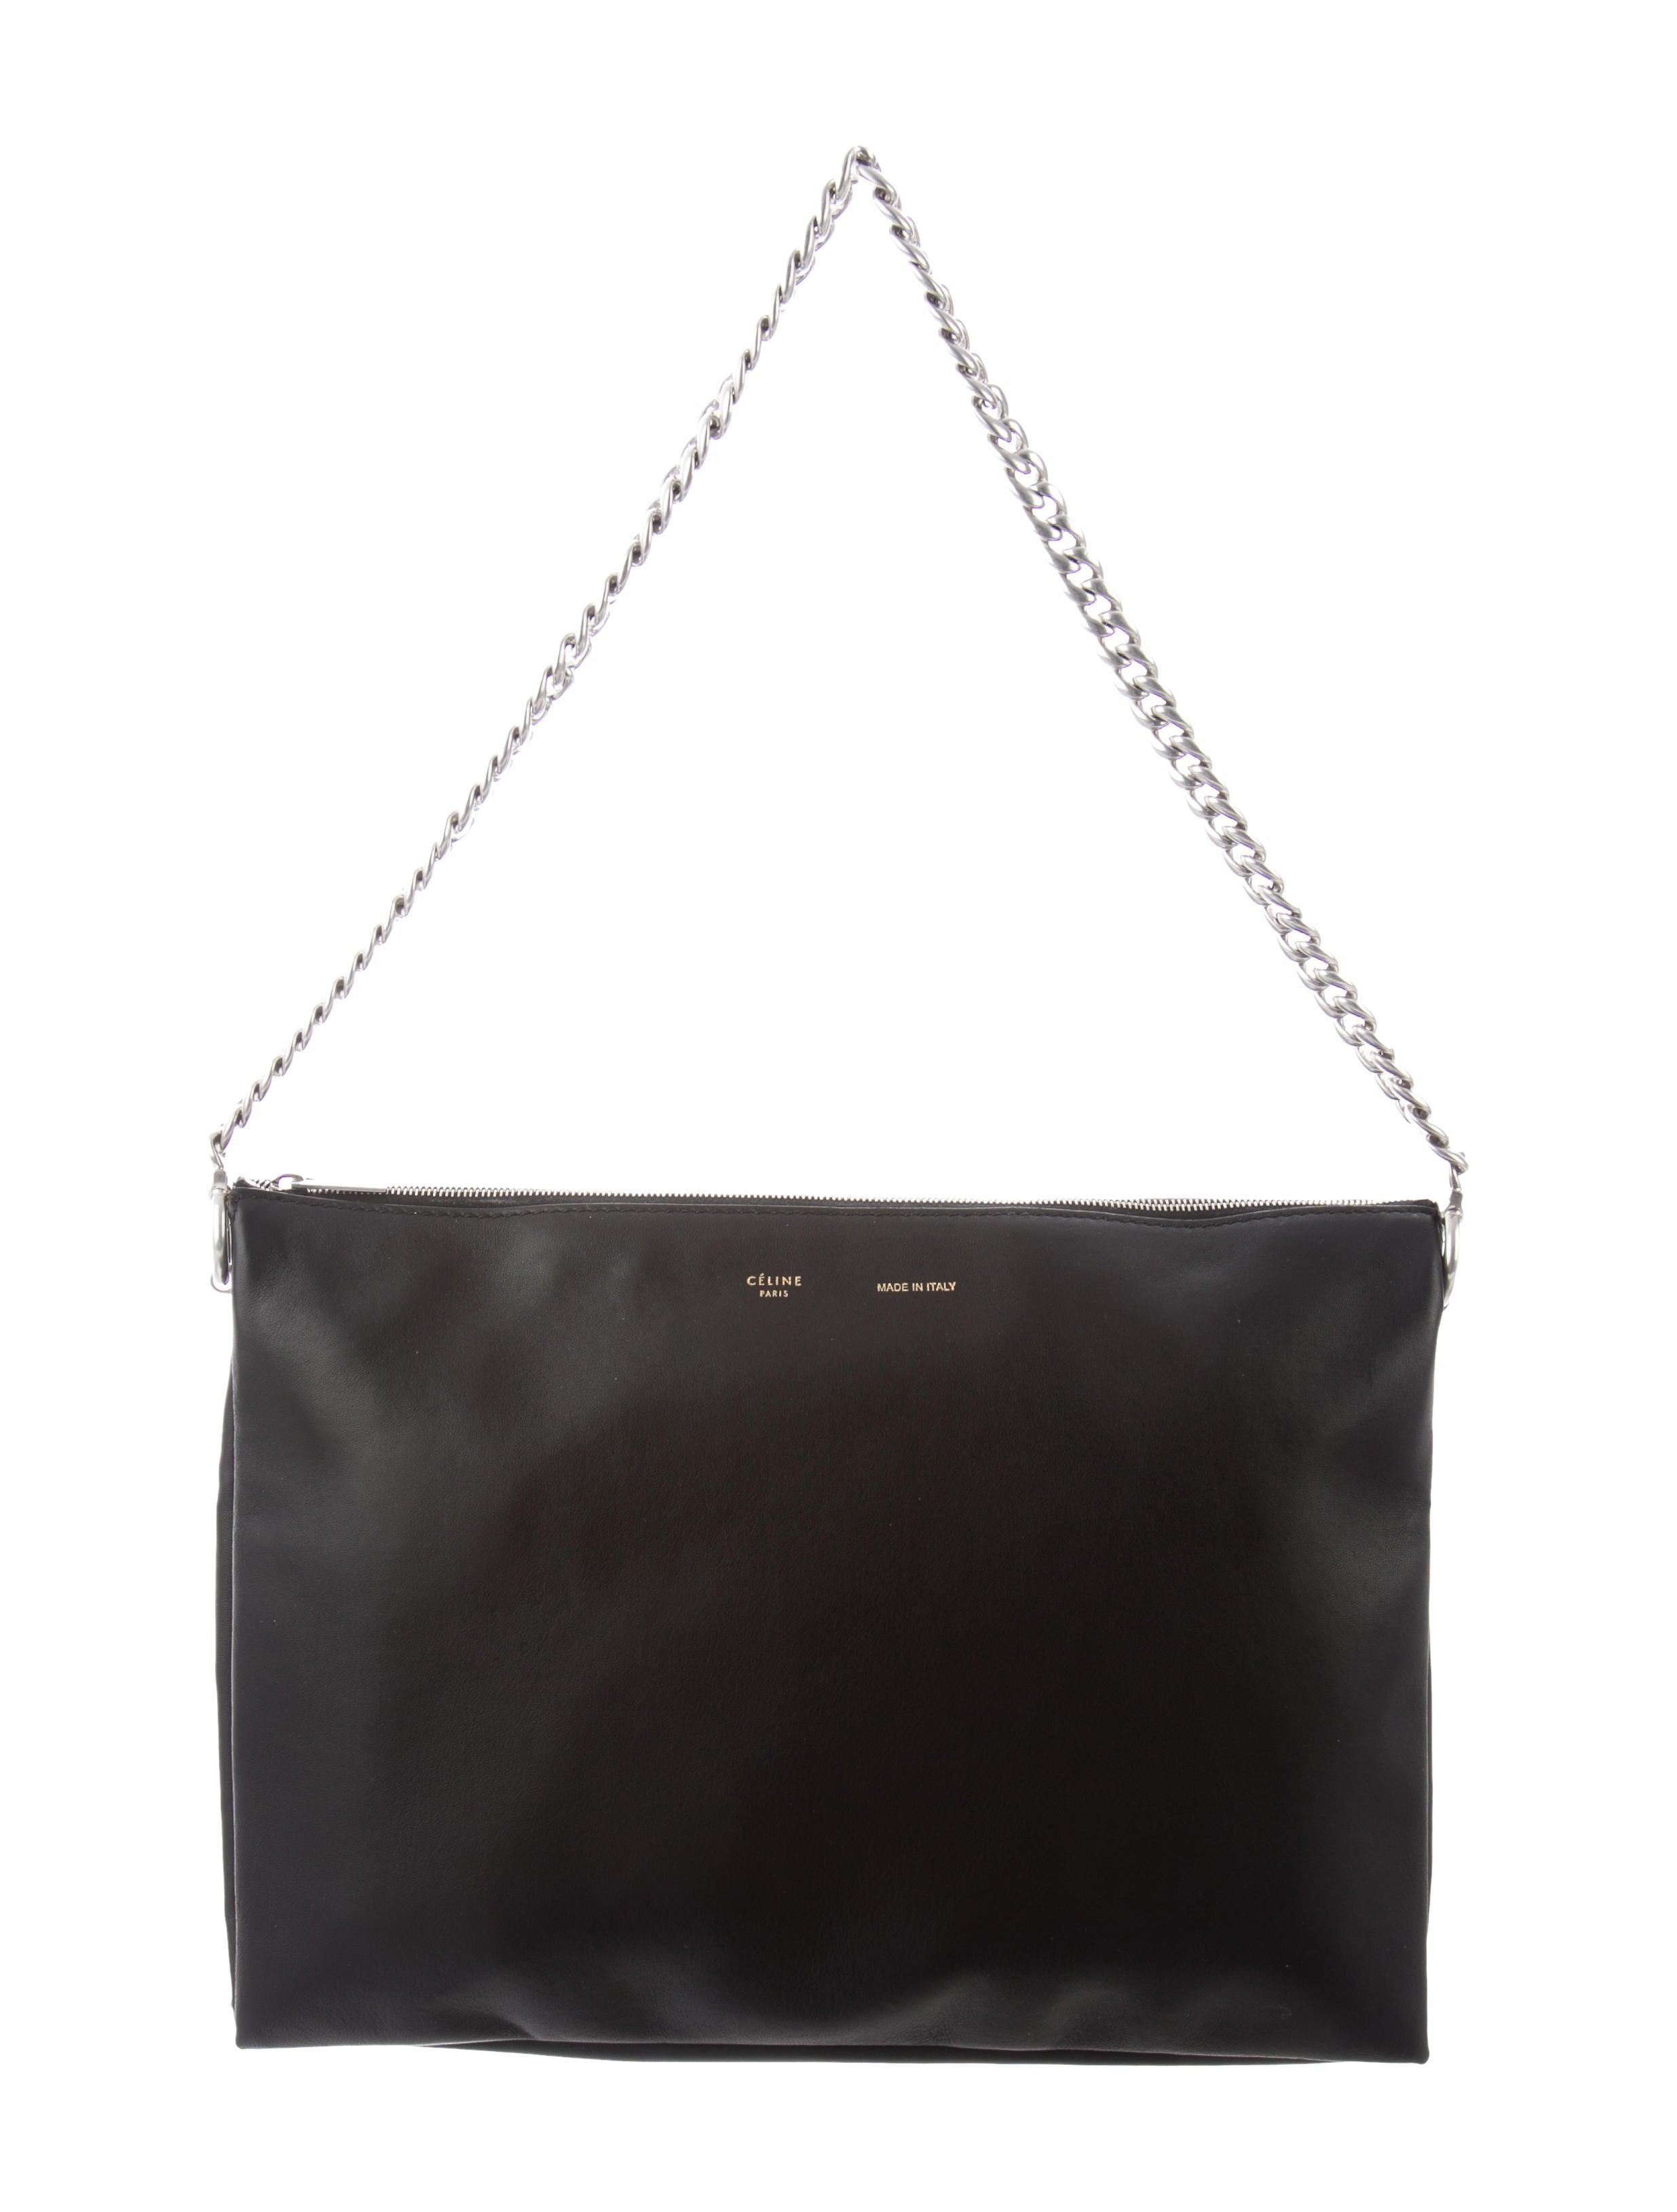 358299543a6a Celine Soft Trio Zipped Bag - Handbags - CEL88659